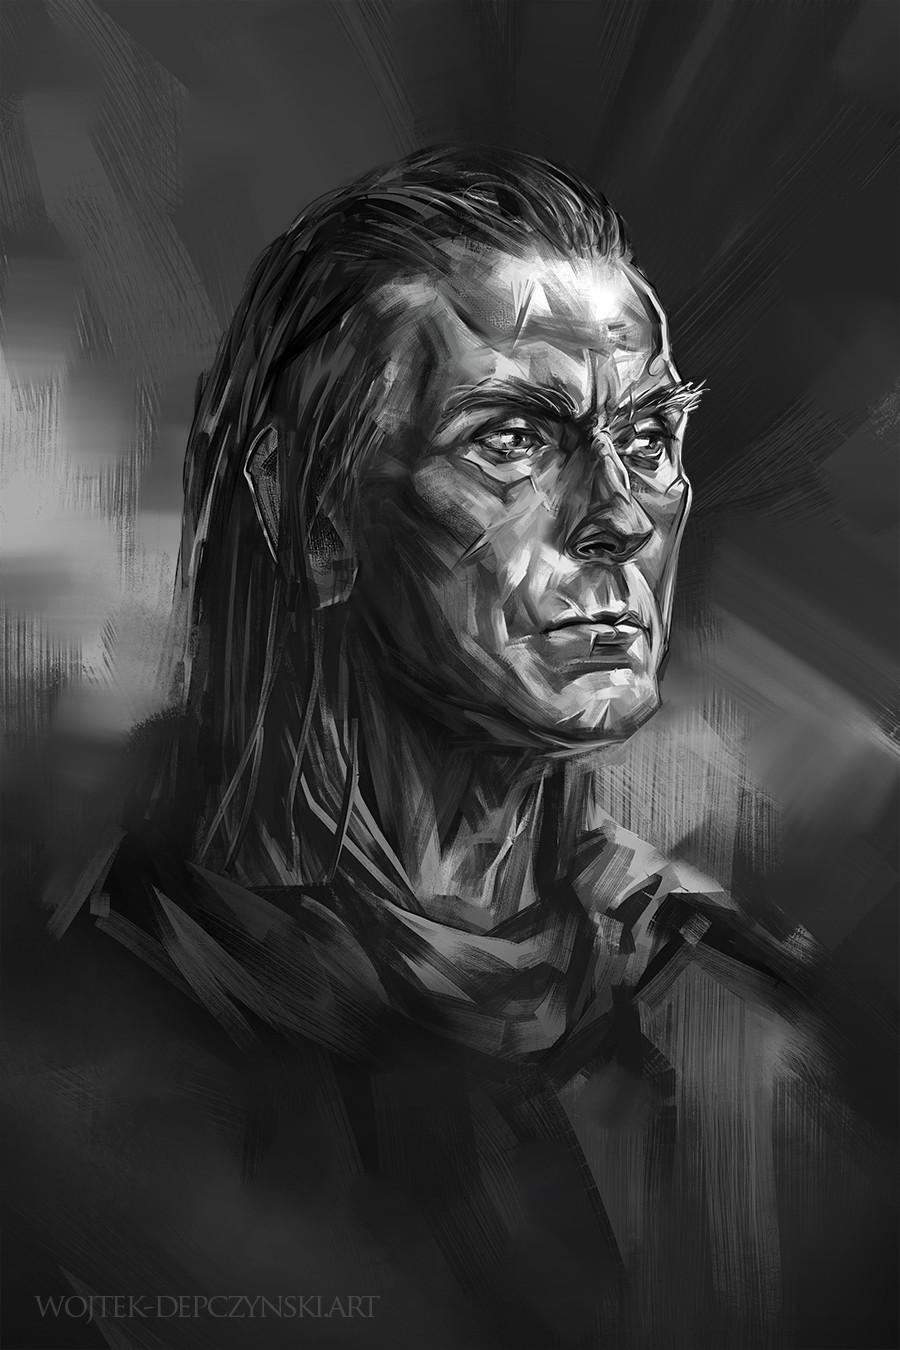 Wojtek depczynski portrait234